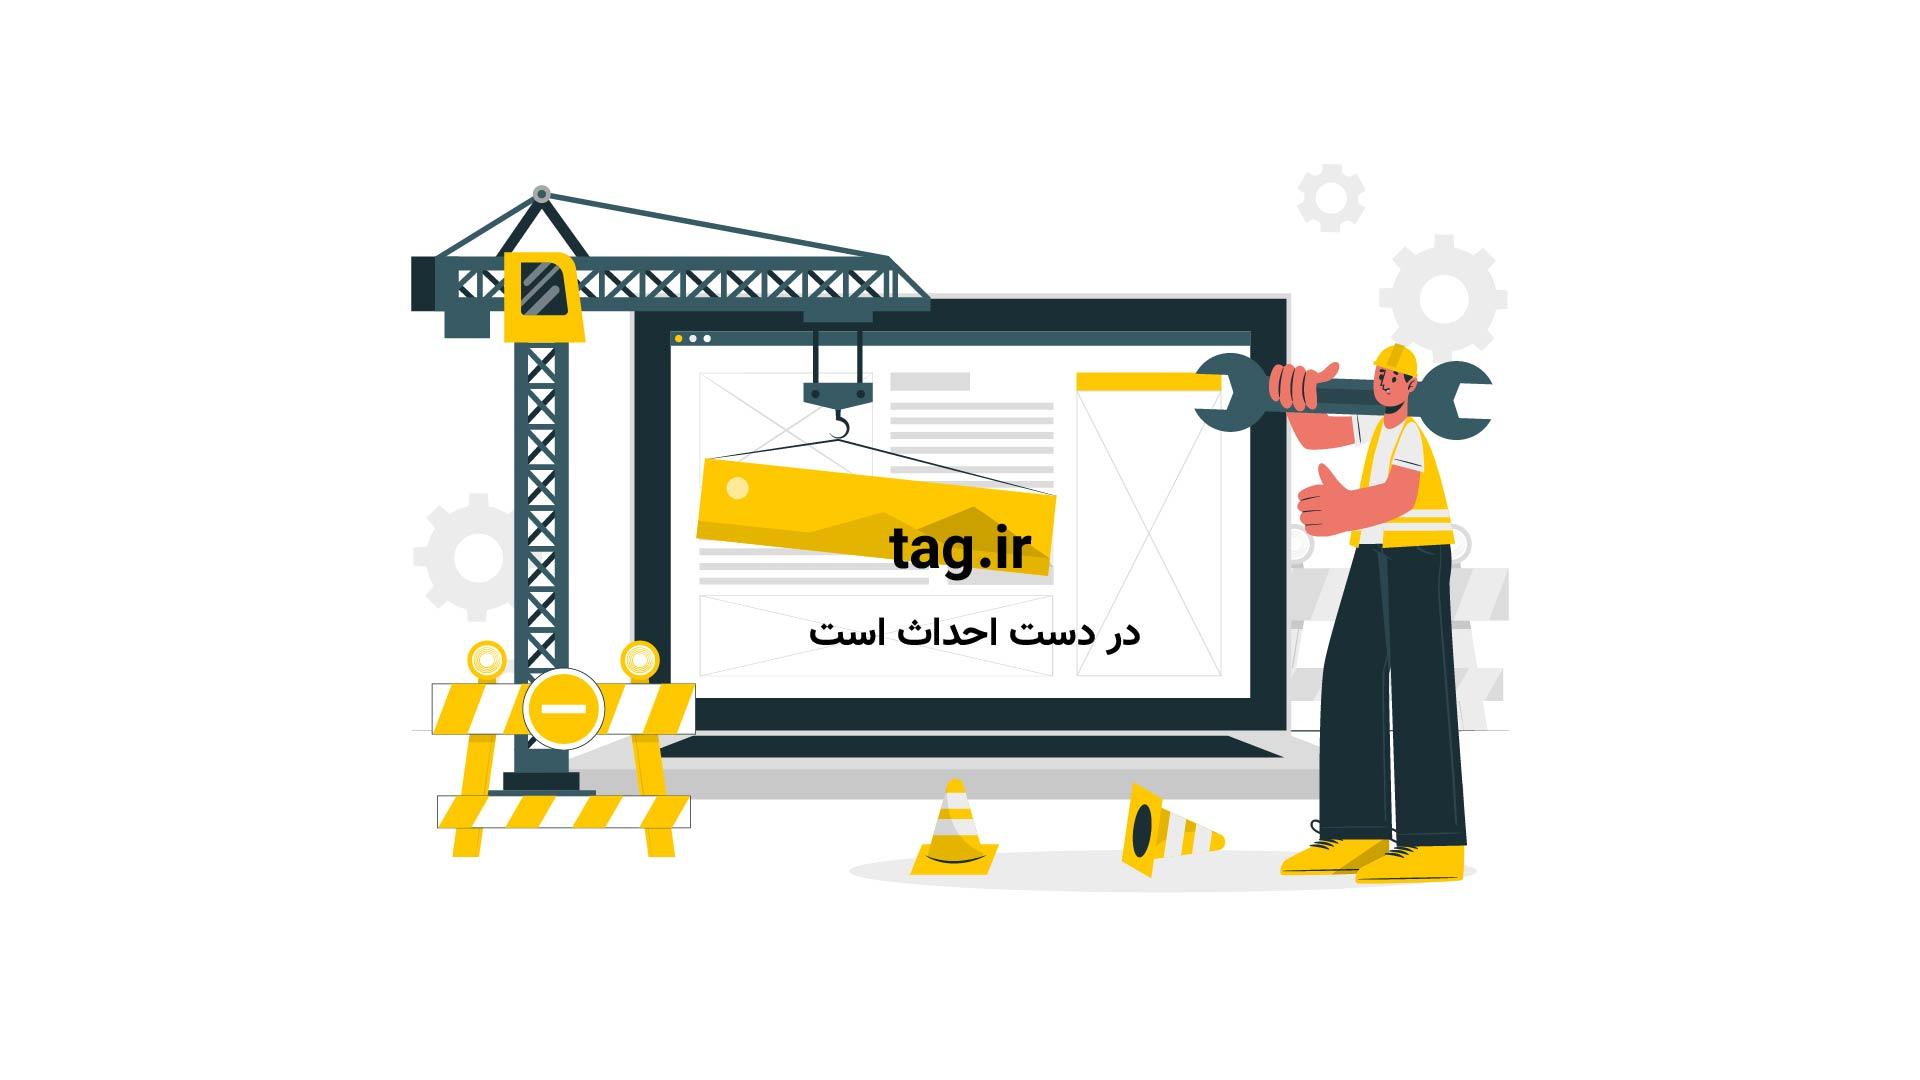 فیلم مهار وزنه 220 کیلوگرمی در اولین حرکت دو ضرب محمدرضا براری